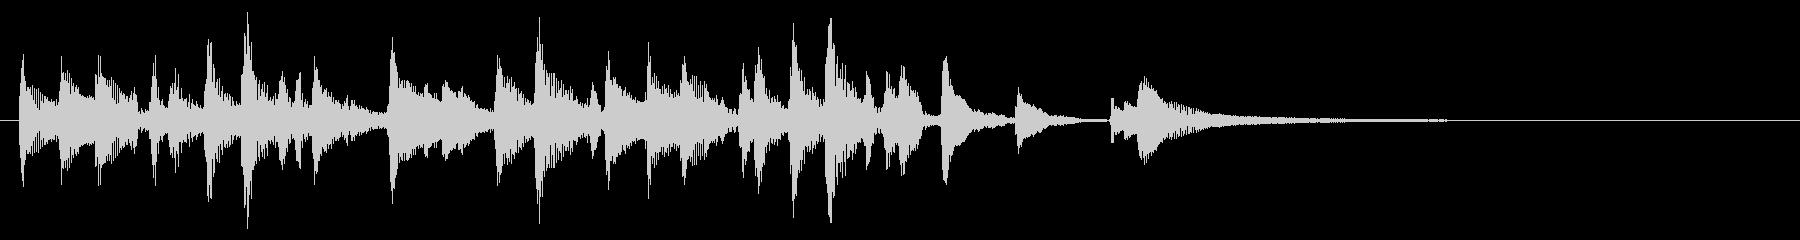 ウクレレハワイアンフレーズ1の未再生の波形